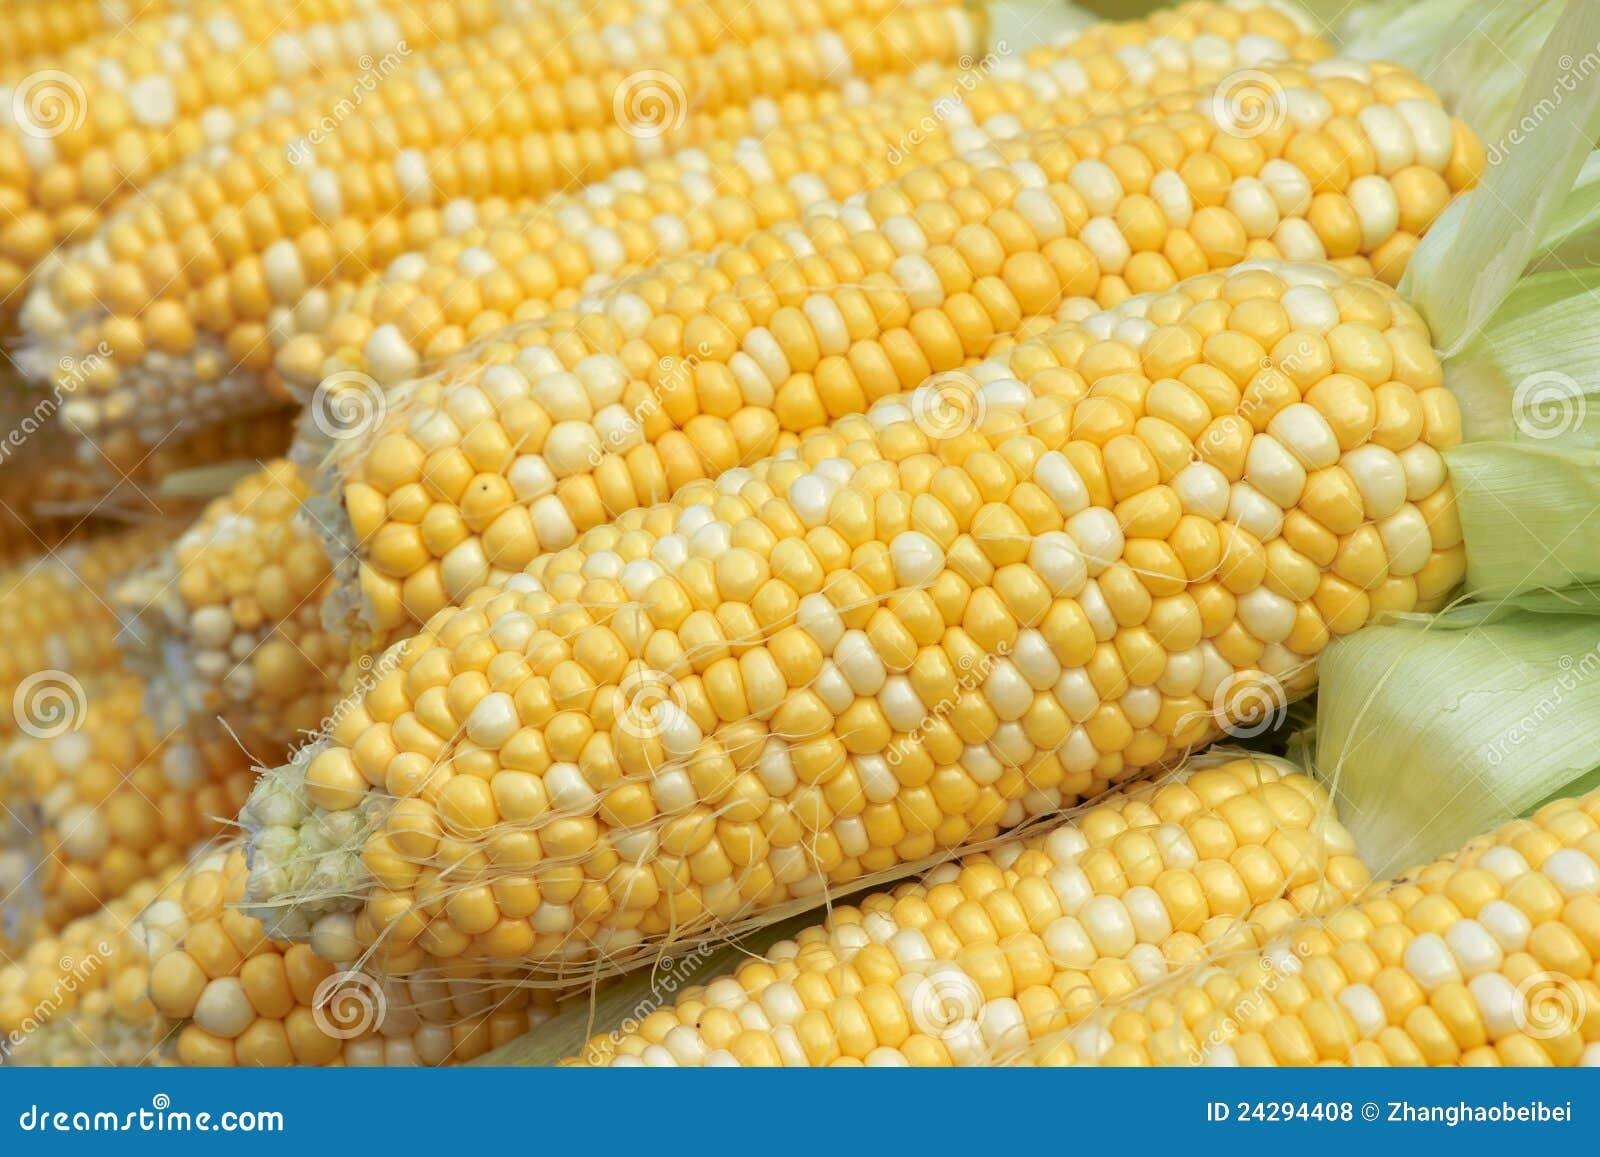 玉米棒玉米招标